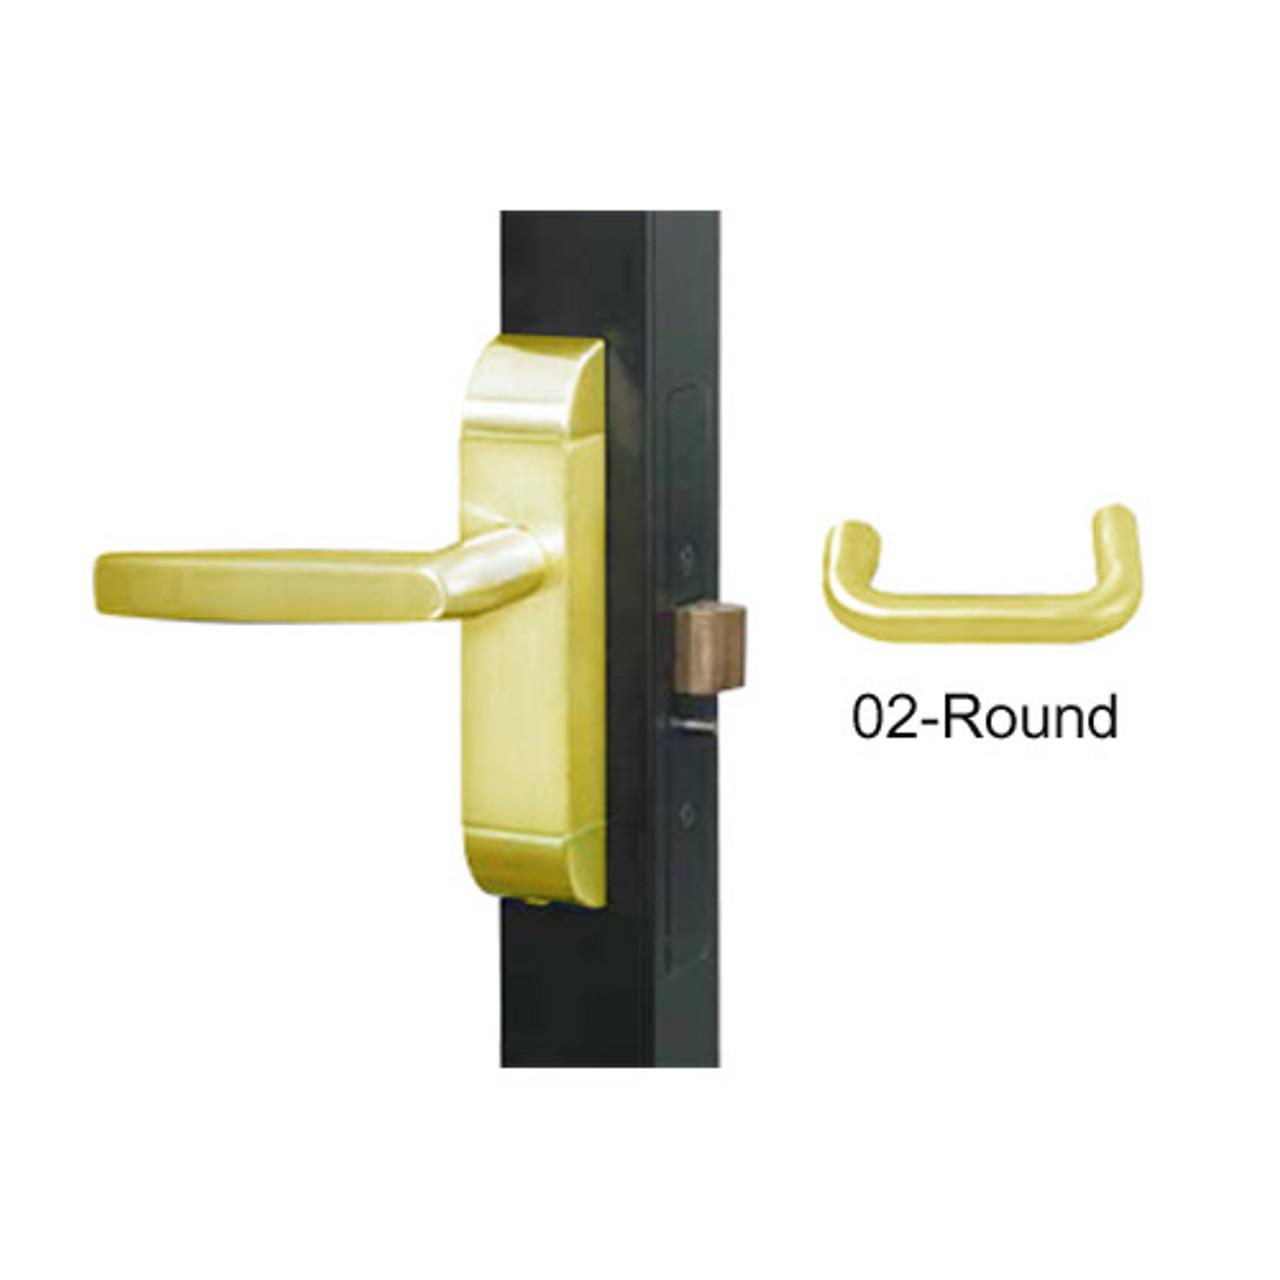 4600-02-511-US3 Adams Rite Heavy Duty Round Deadlatch Handles in Bright Brass Finish